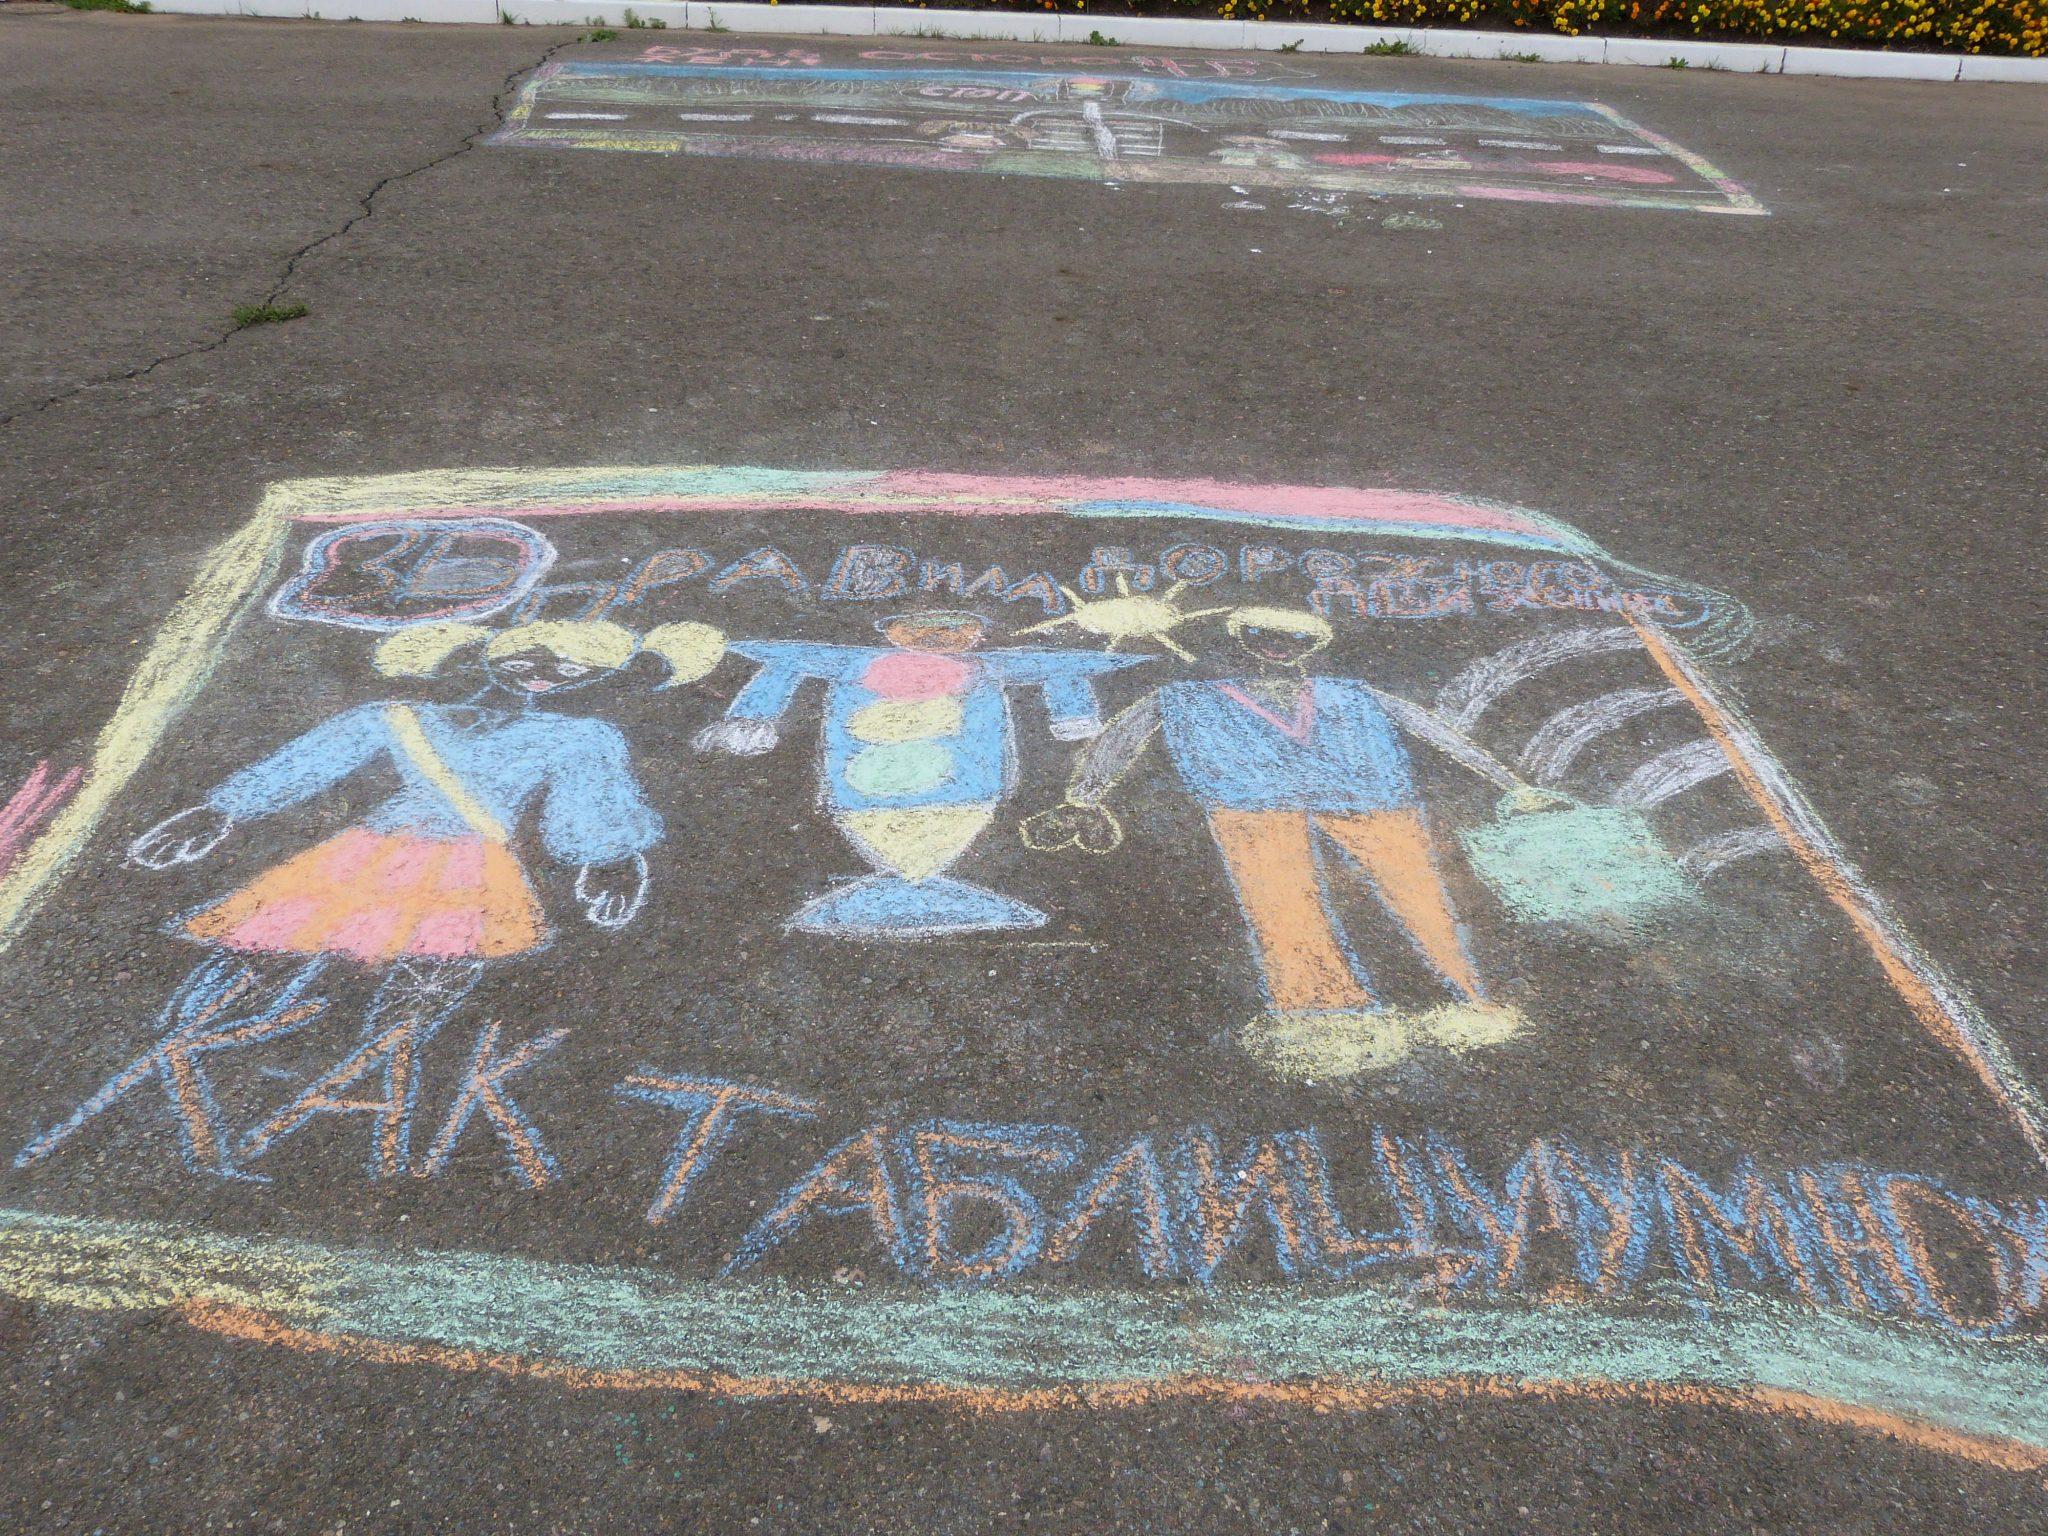 Конкурс рисунков на асфальте «Детские игры и безопасность на дороге»